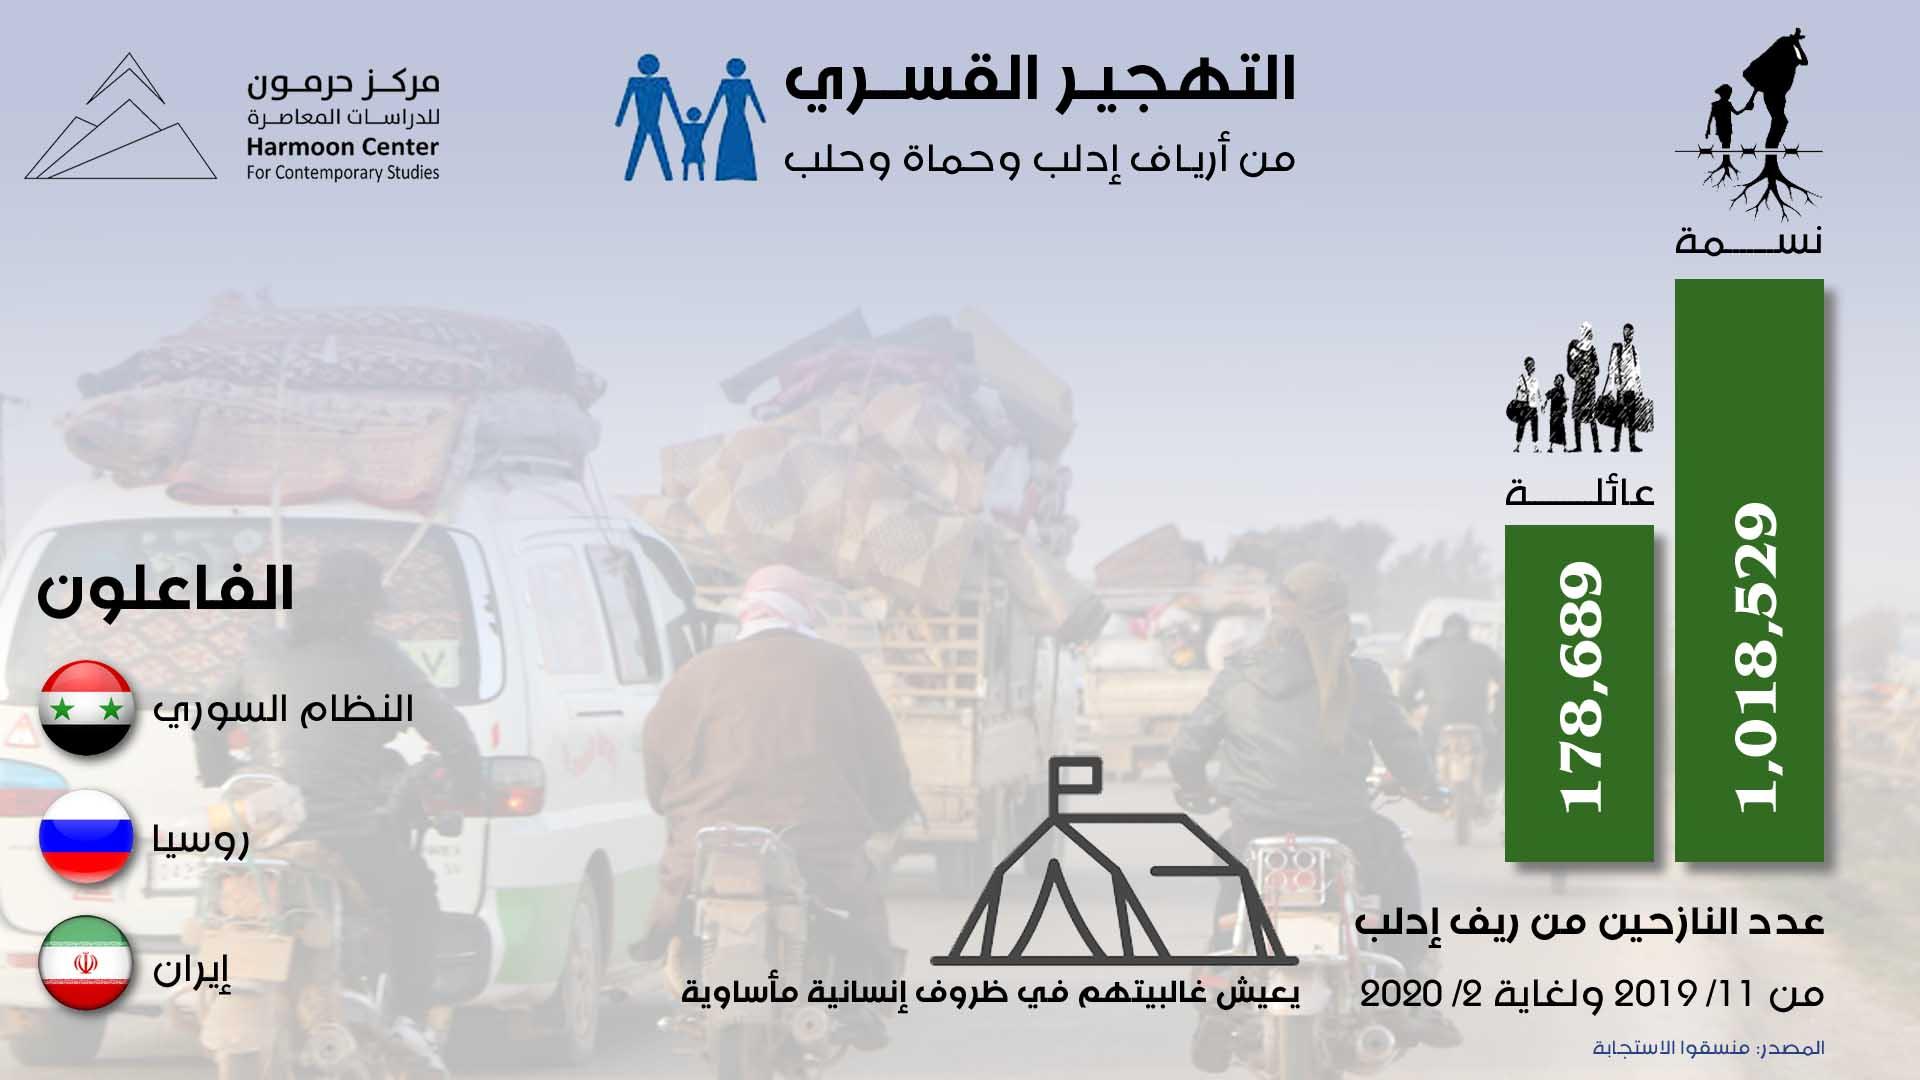 التهجير القسري من شمال سورية